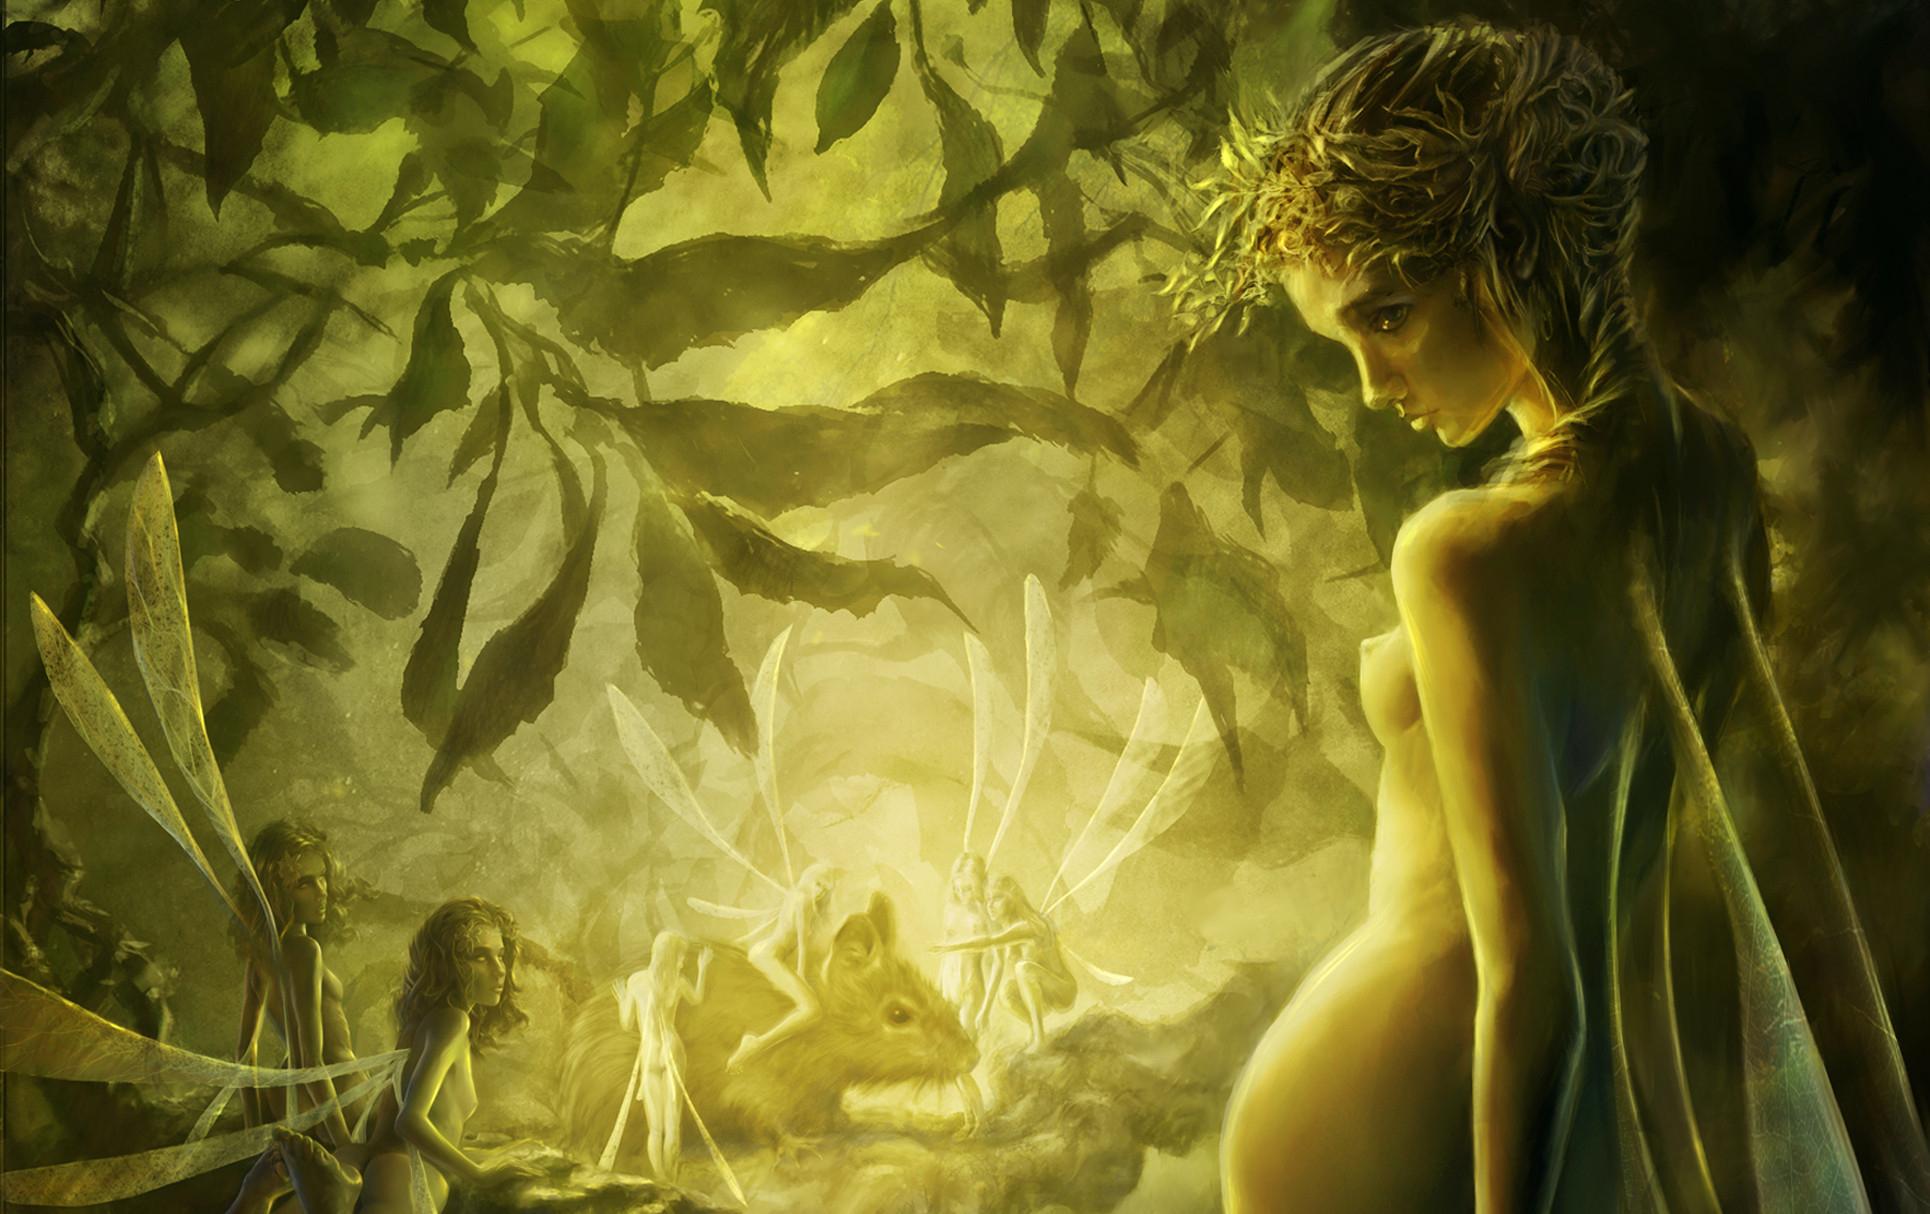 Девушка в лесу на листьях  № 2707762 без смс